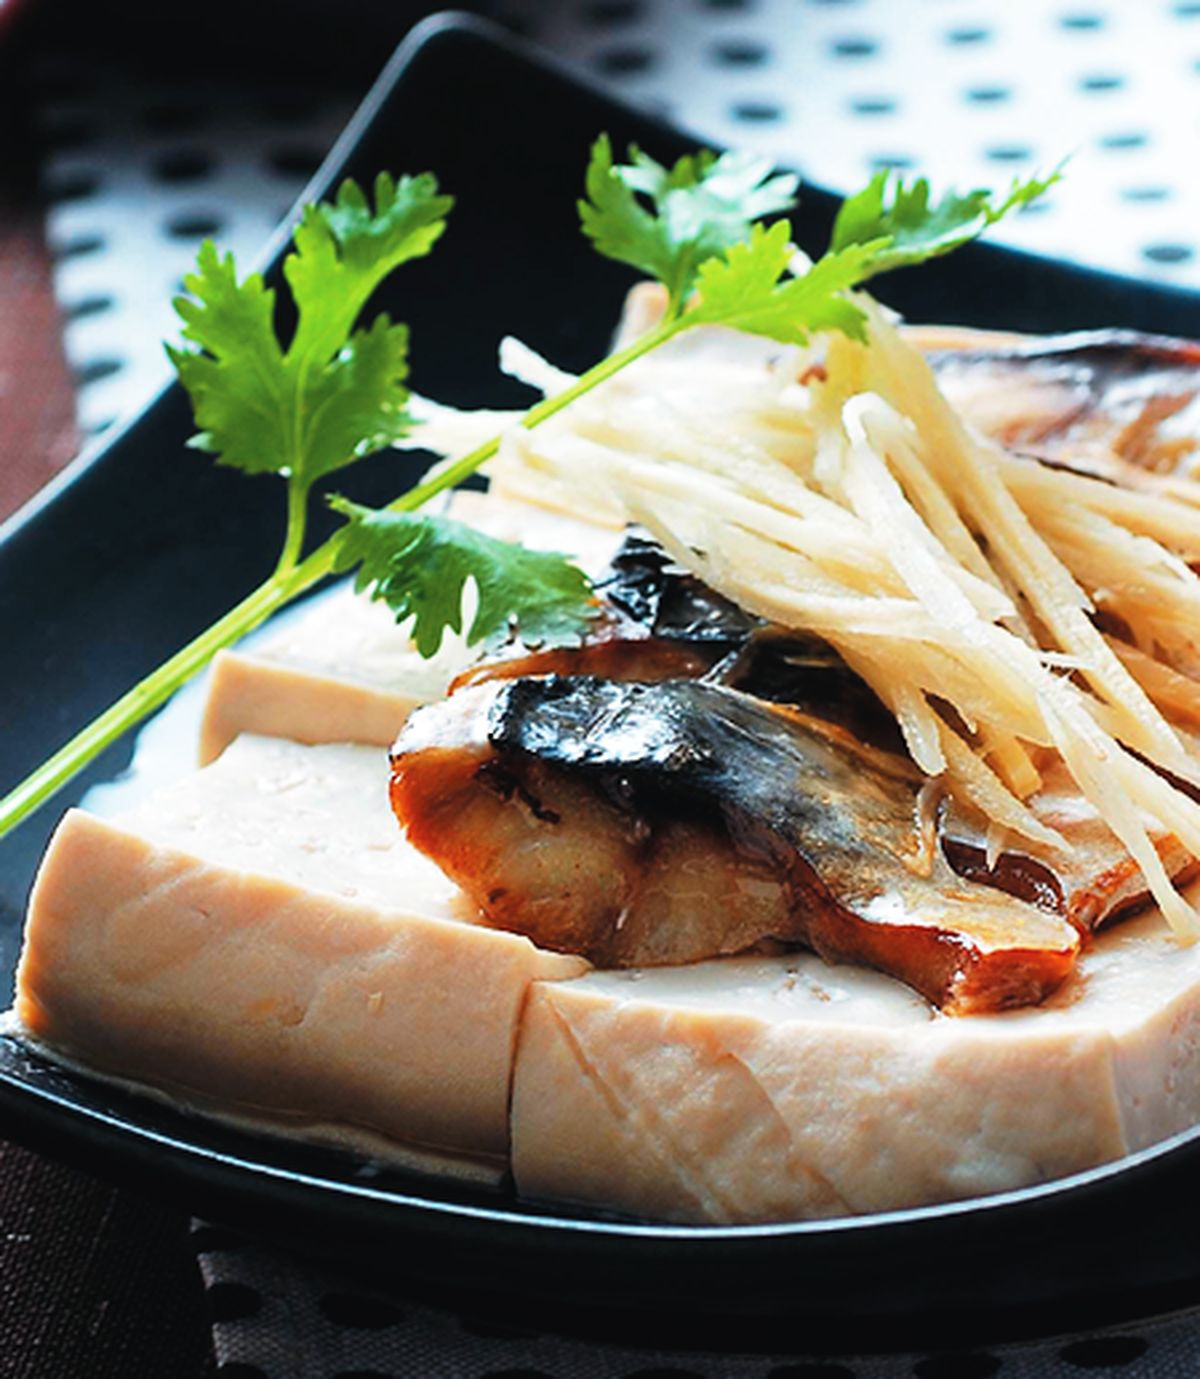 食譜:鹹魚蒸豆腐